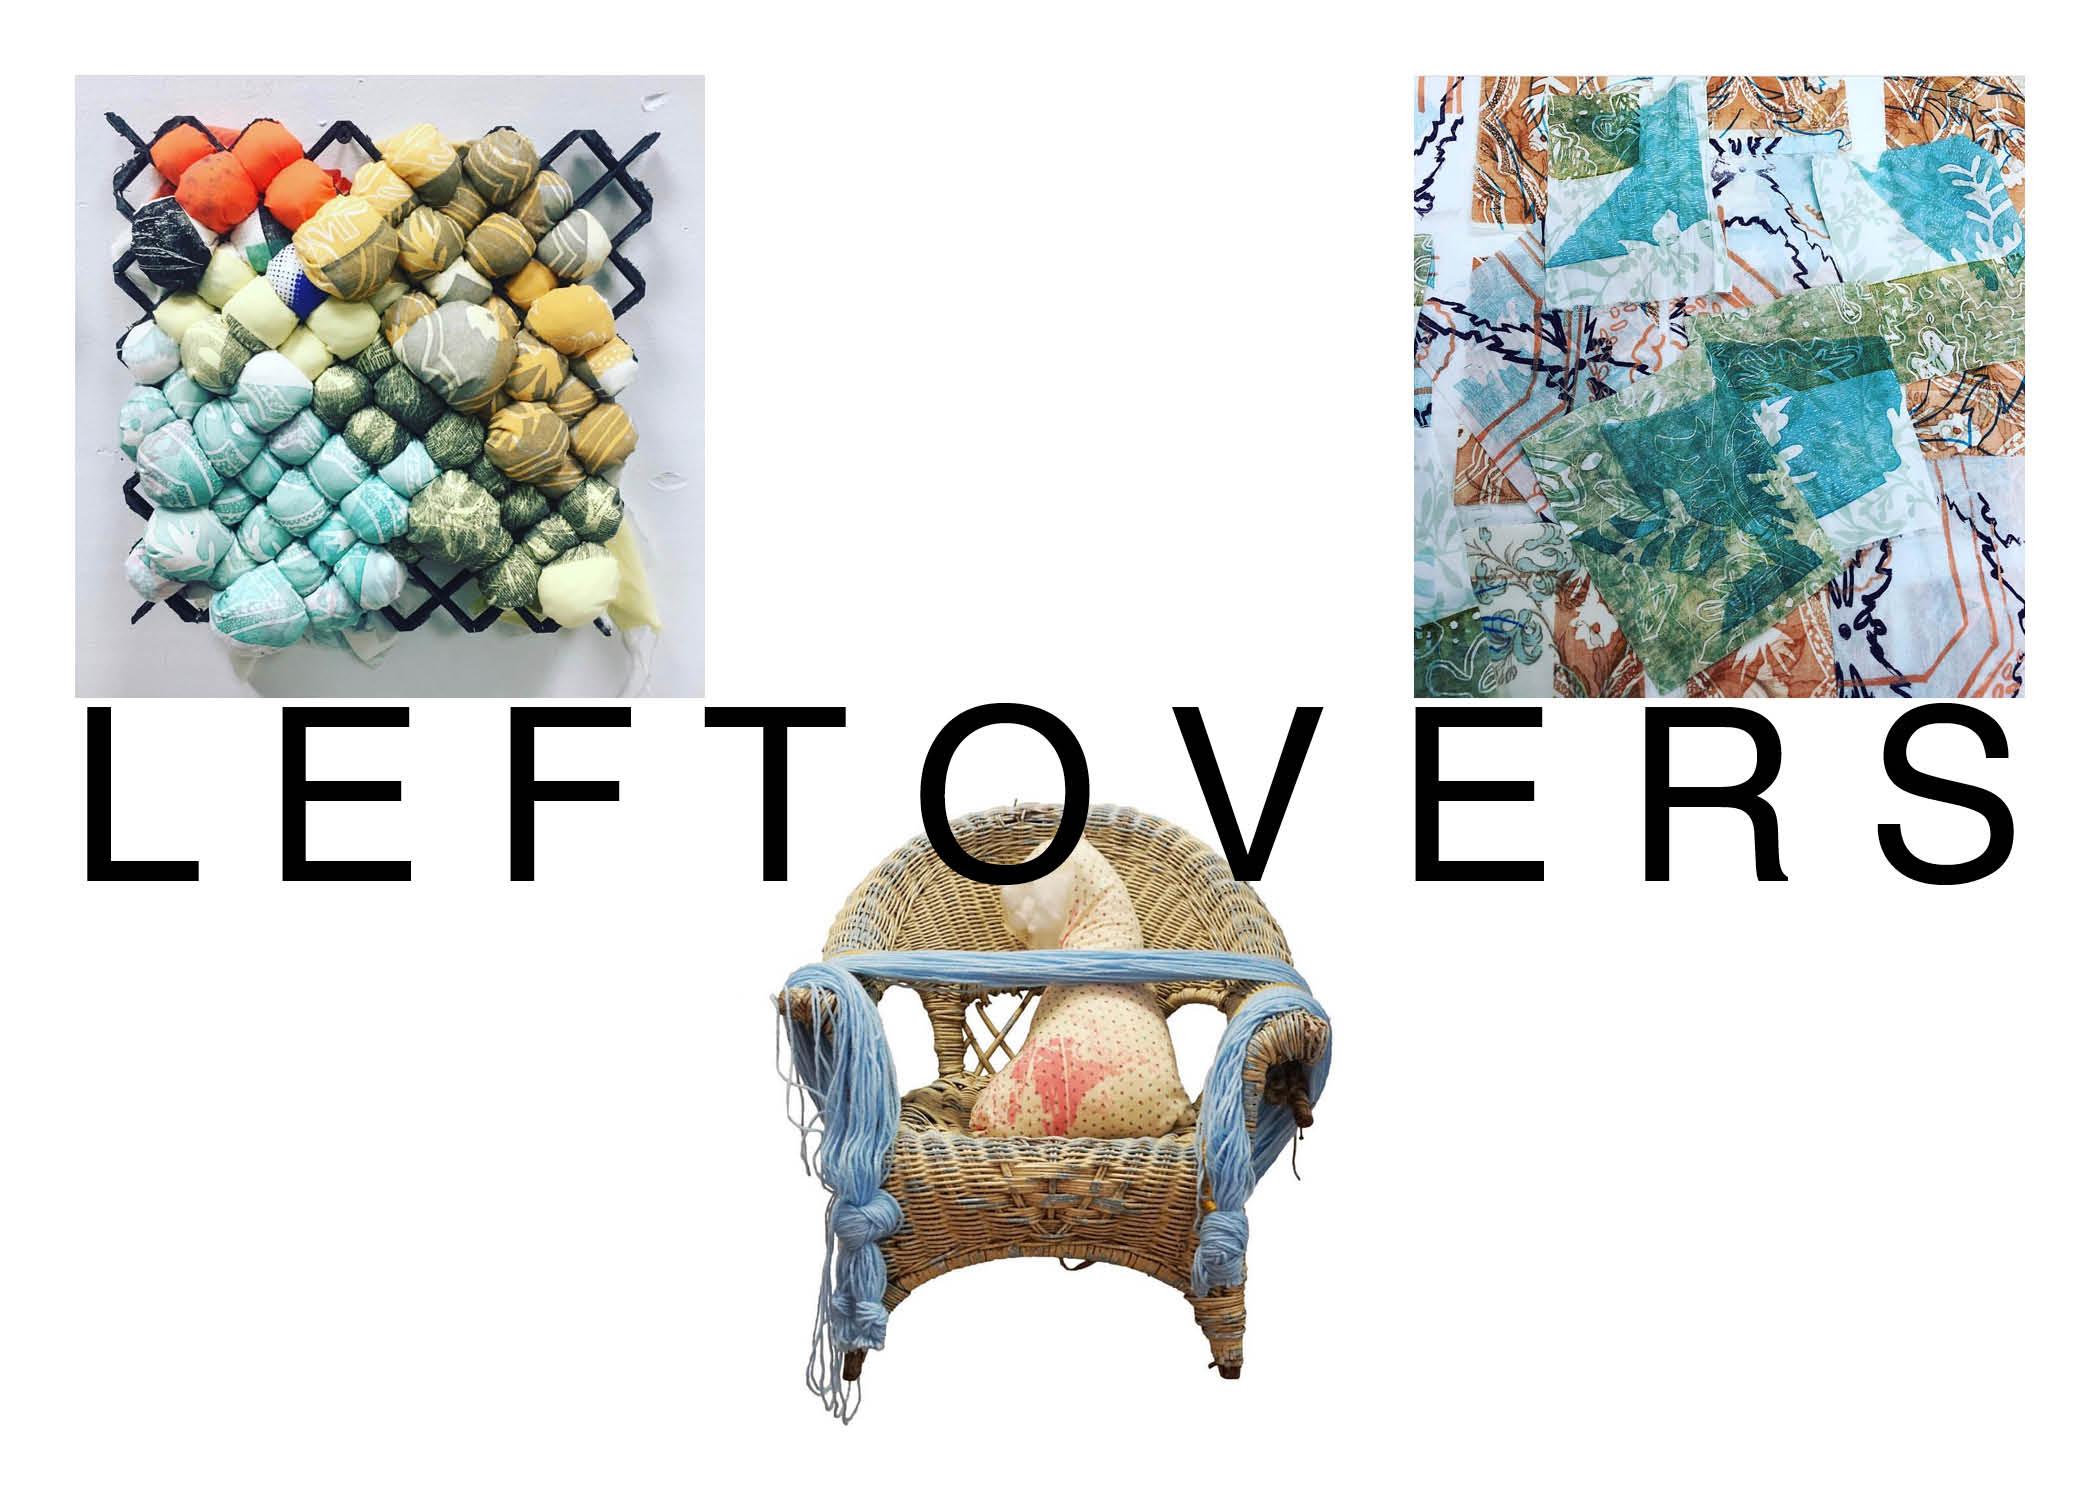 Checa Baldarelli MFA Thesis Exhibition: Leftovers, at the Sella-Granata Art Gallery, March 19-30, 2018.